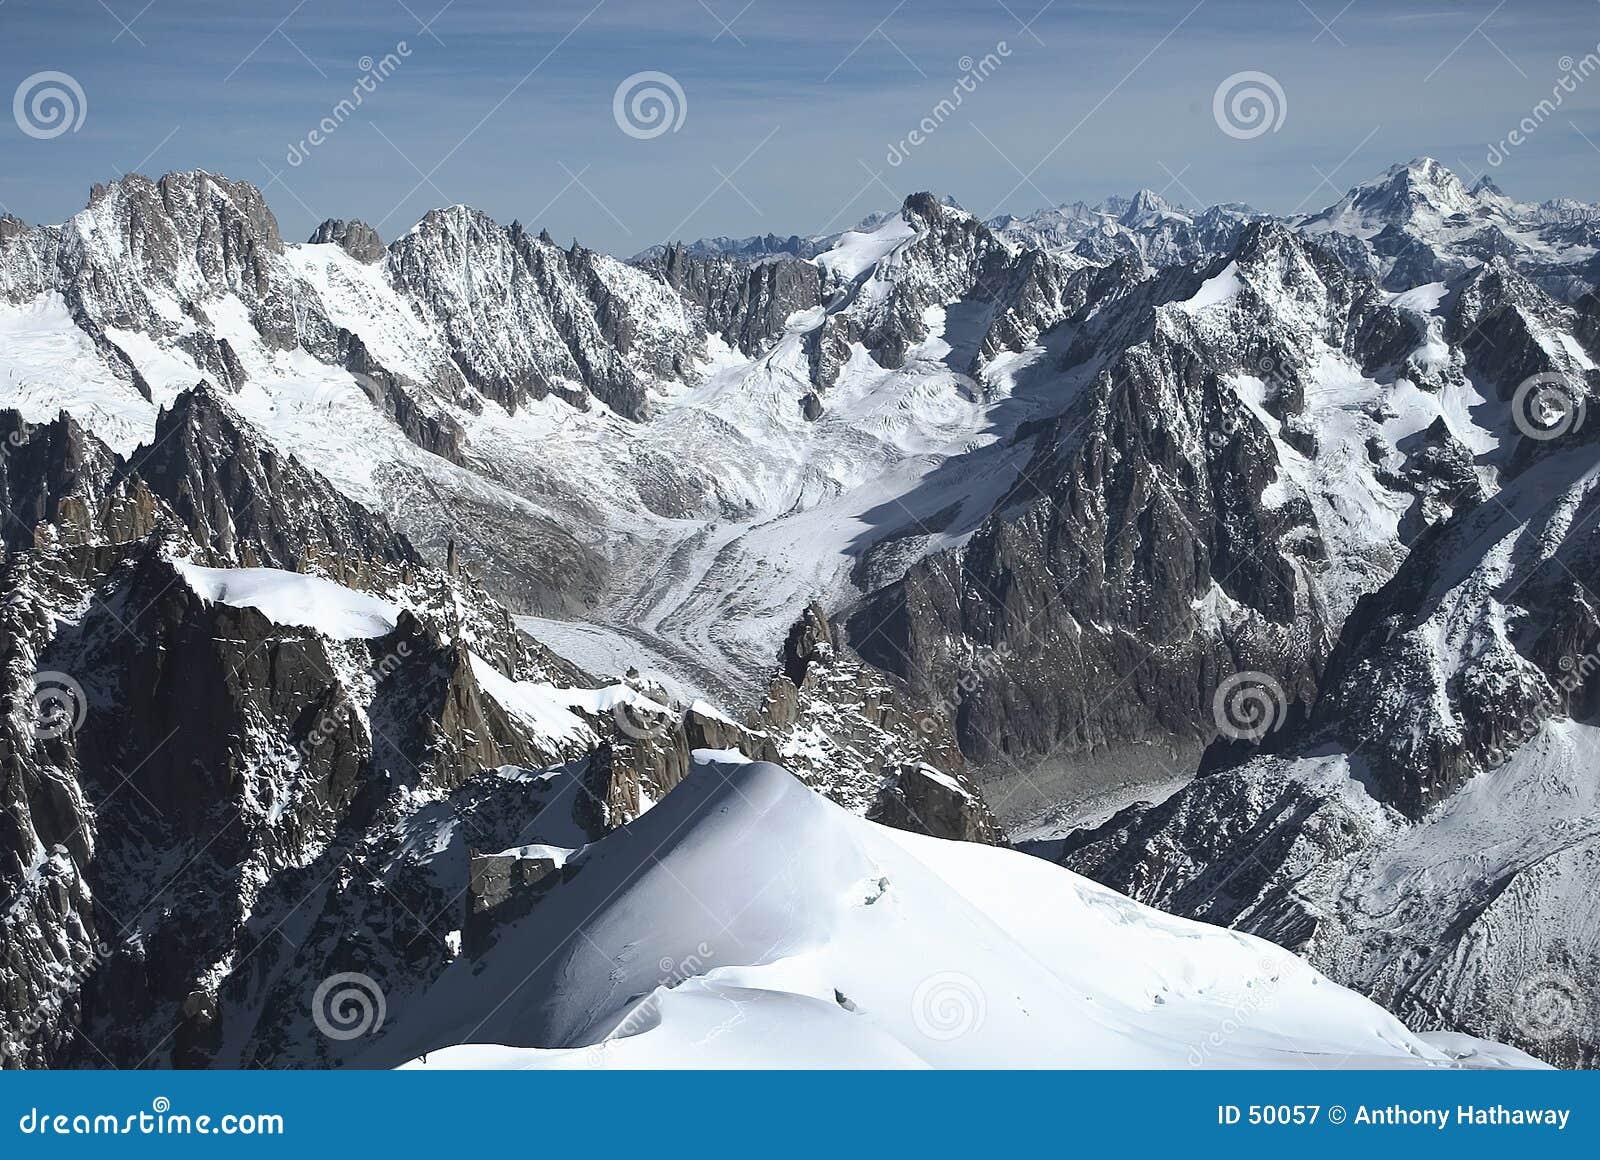 высокогорное французское место